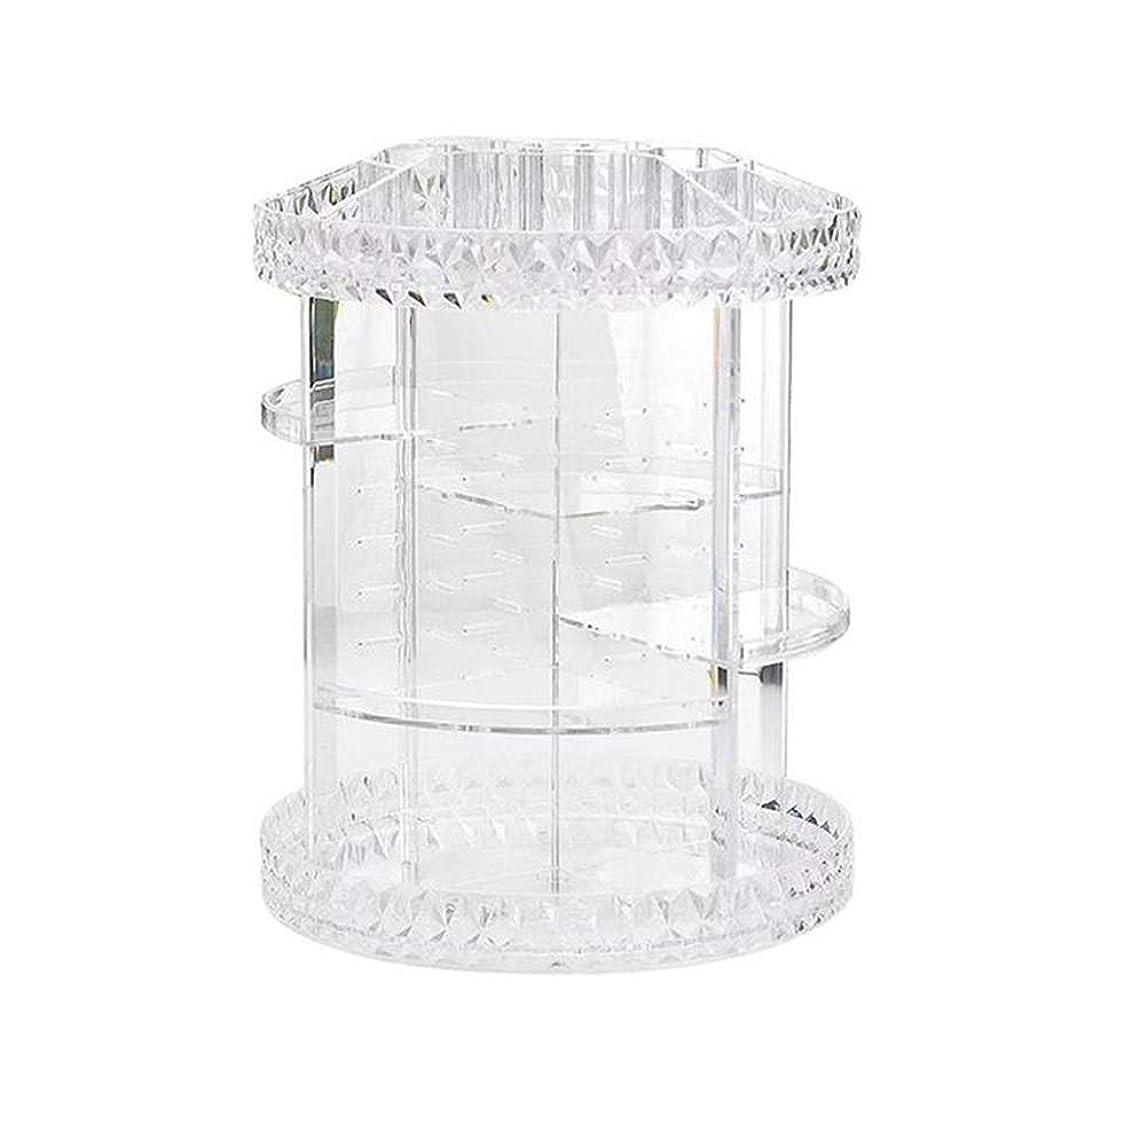 既婚ラリー修理工Xlp 日常使用のための多層の回転アクリルの透明な化粧品の収納箱